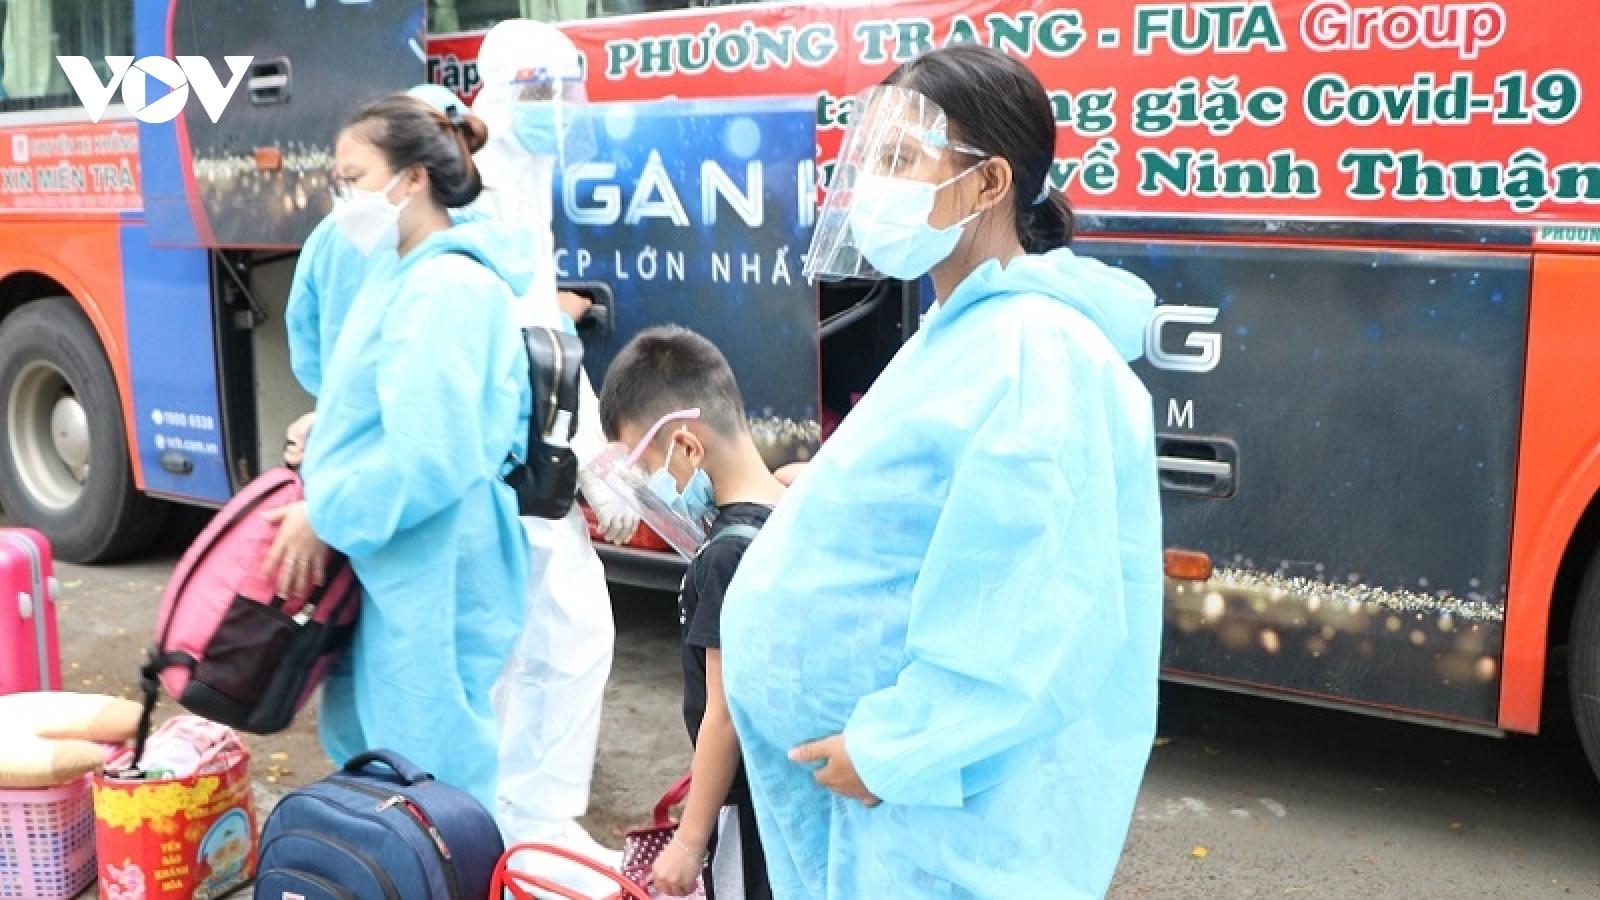 Hàng chục bà bầu và trẻ em dưới 3 tuổi được đón từ TP.HCM về Ninh Thuận